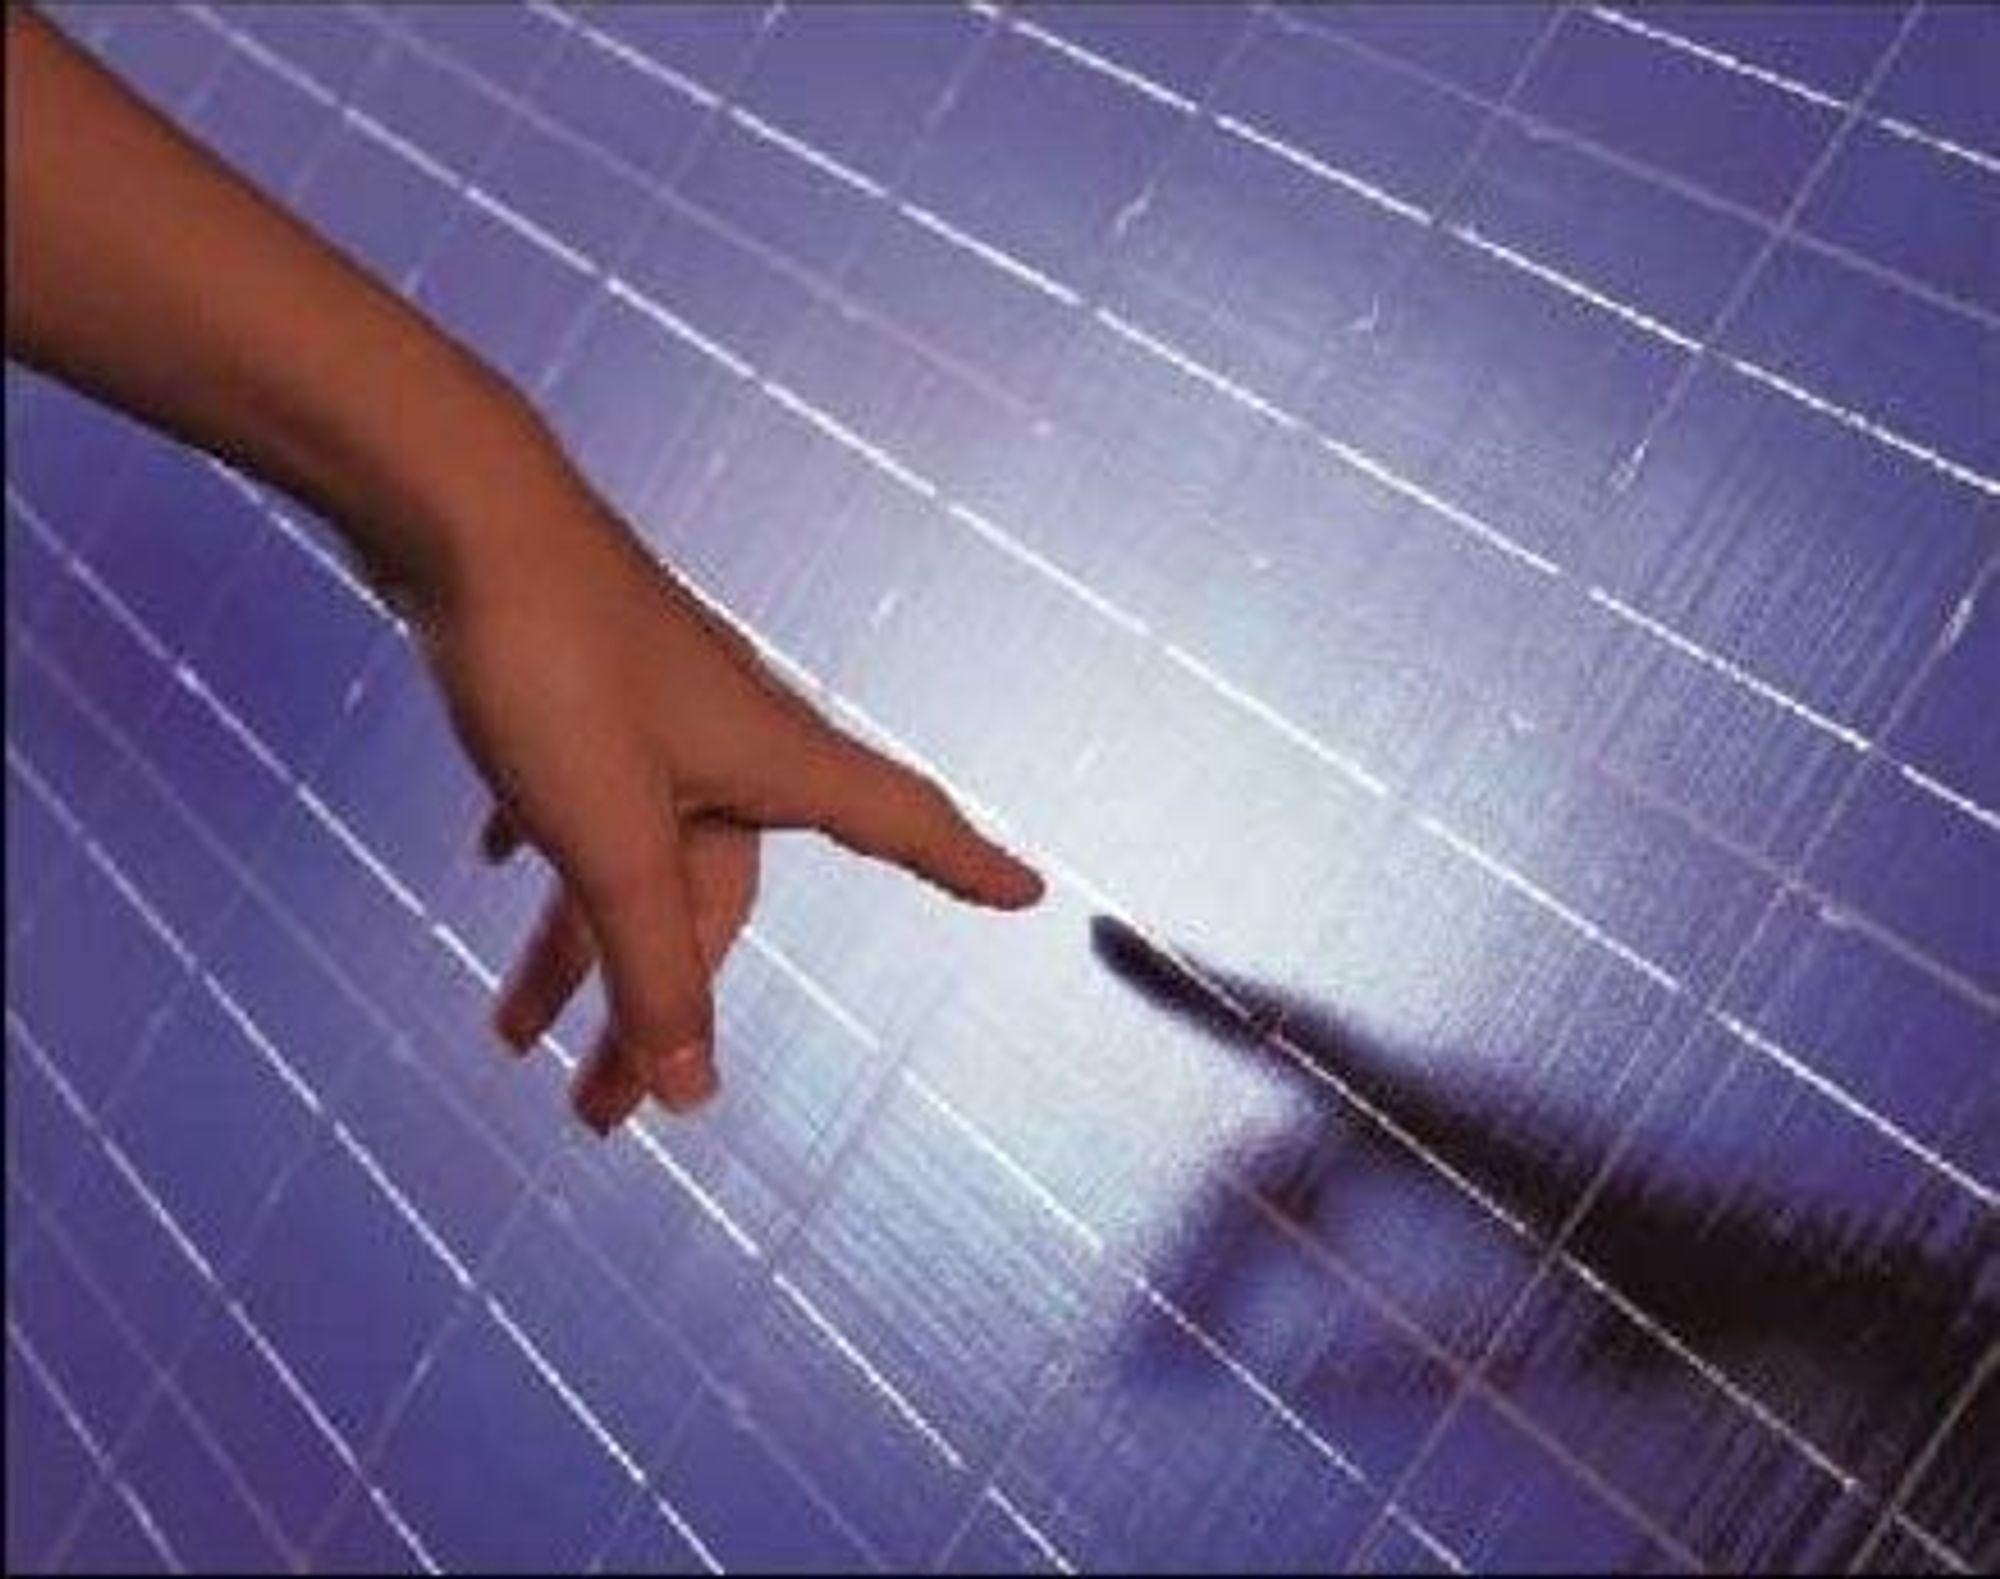 OMVANDLER: Siste nytt i solceller er en amerikansk affære som til og med har en DC/AC omvandler slik at du også kan ha vekselstrømsdingser på hytta. O, hvilken lykke! FOTO: ICP